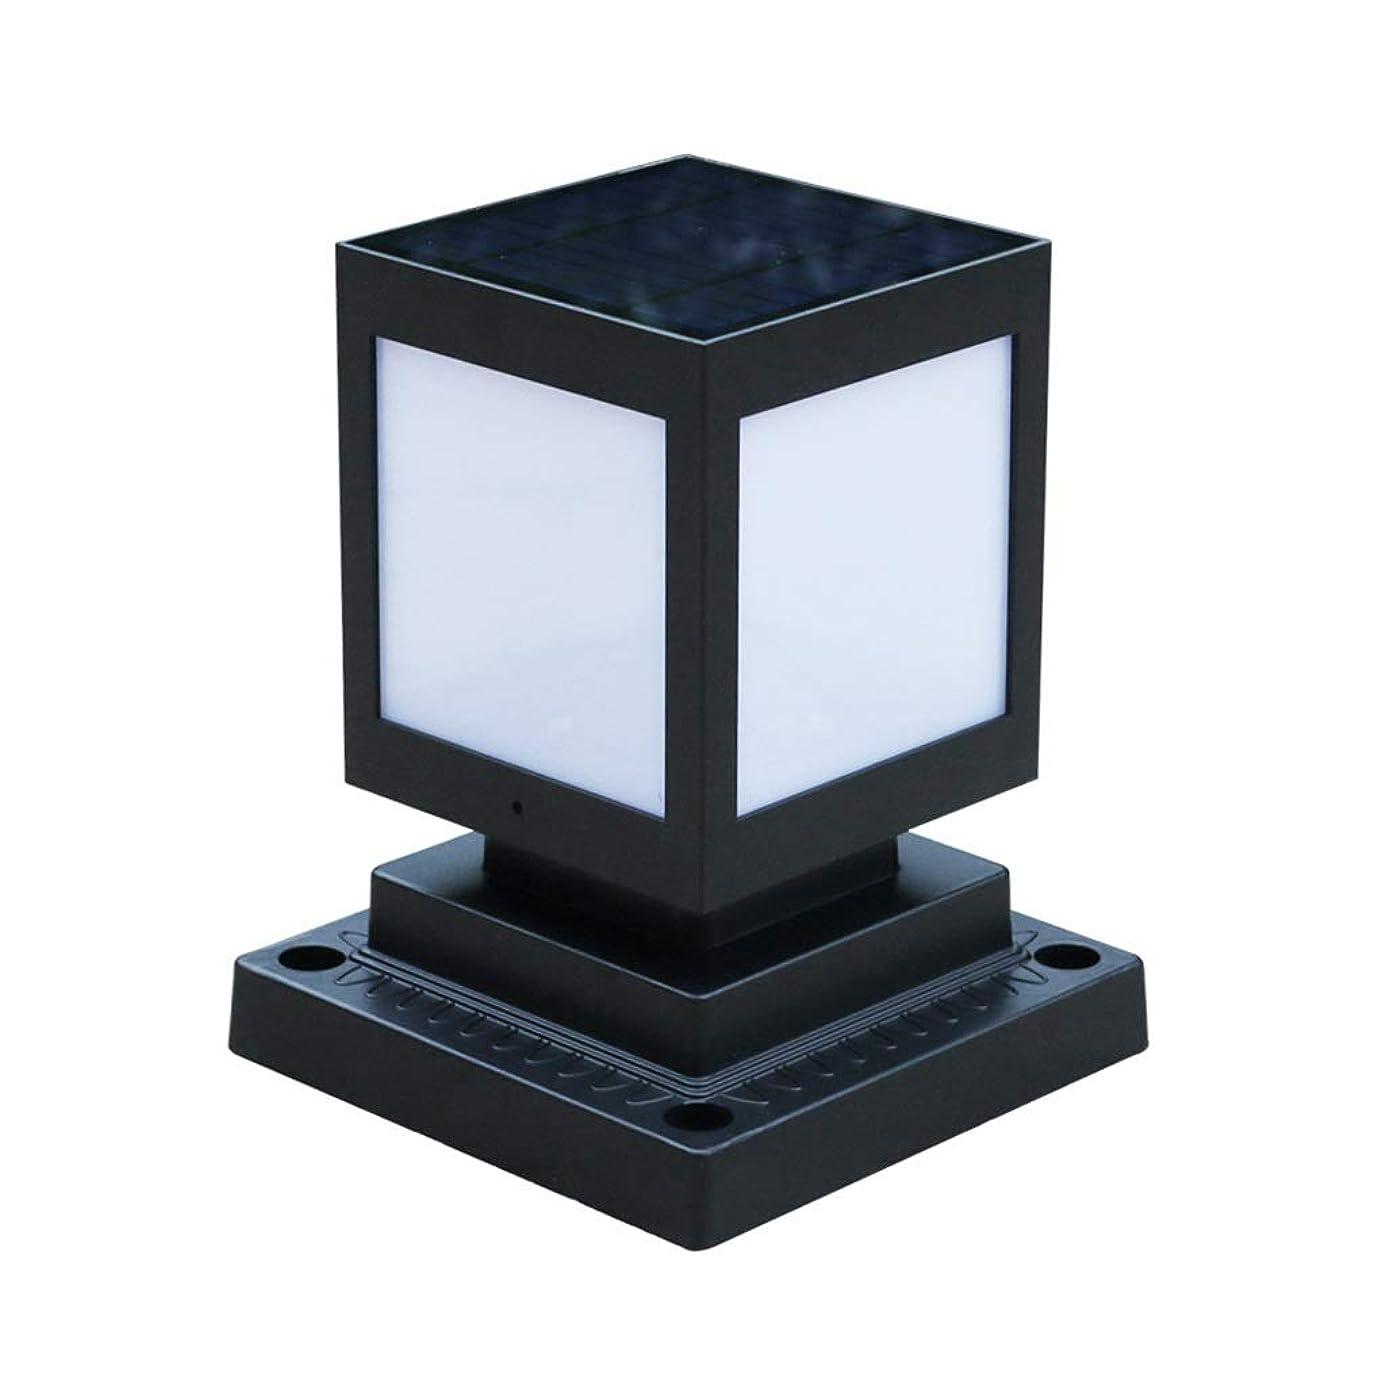 説得力のある哺乳類日IUYWLガーデンライト ソーラーコラムヘッドライト屋外ガーデンライト超高輝度LED防水ゲートライト IUYWLガーデンライト